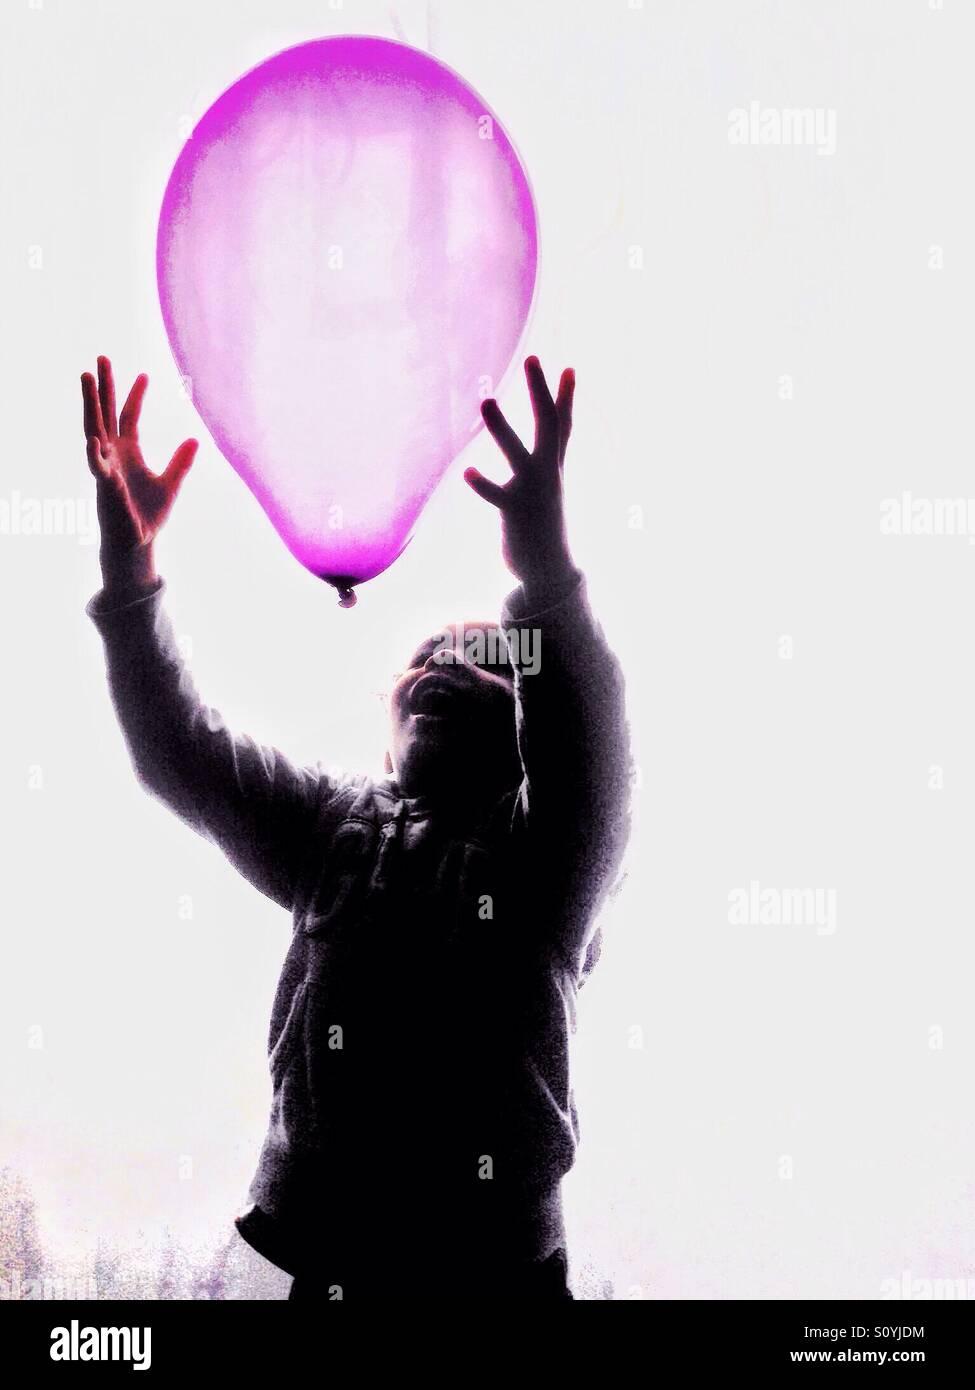 Ragazzo la cattura di un palloncino rosa. Immagini Stock